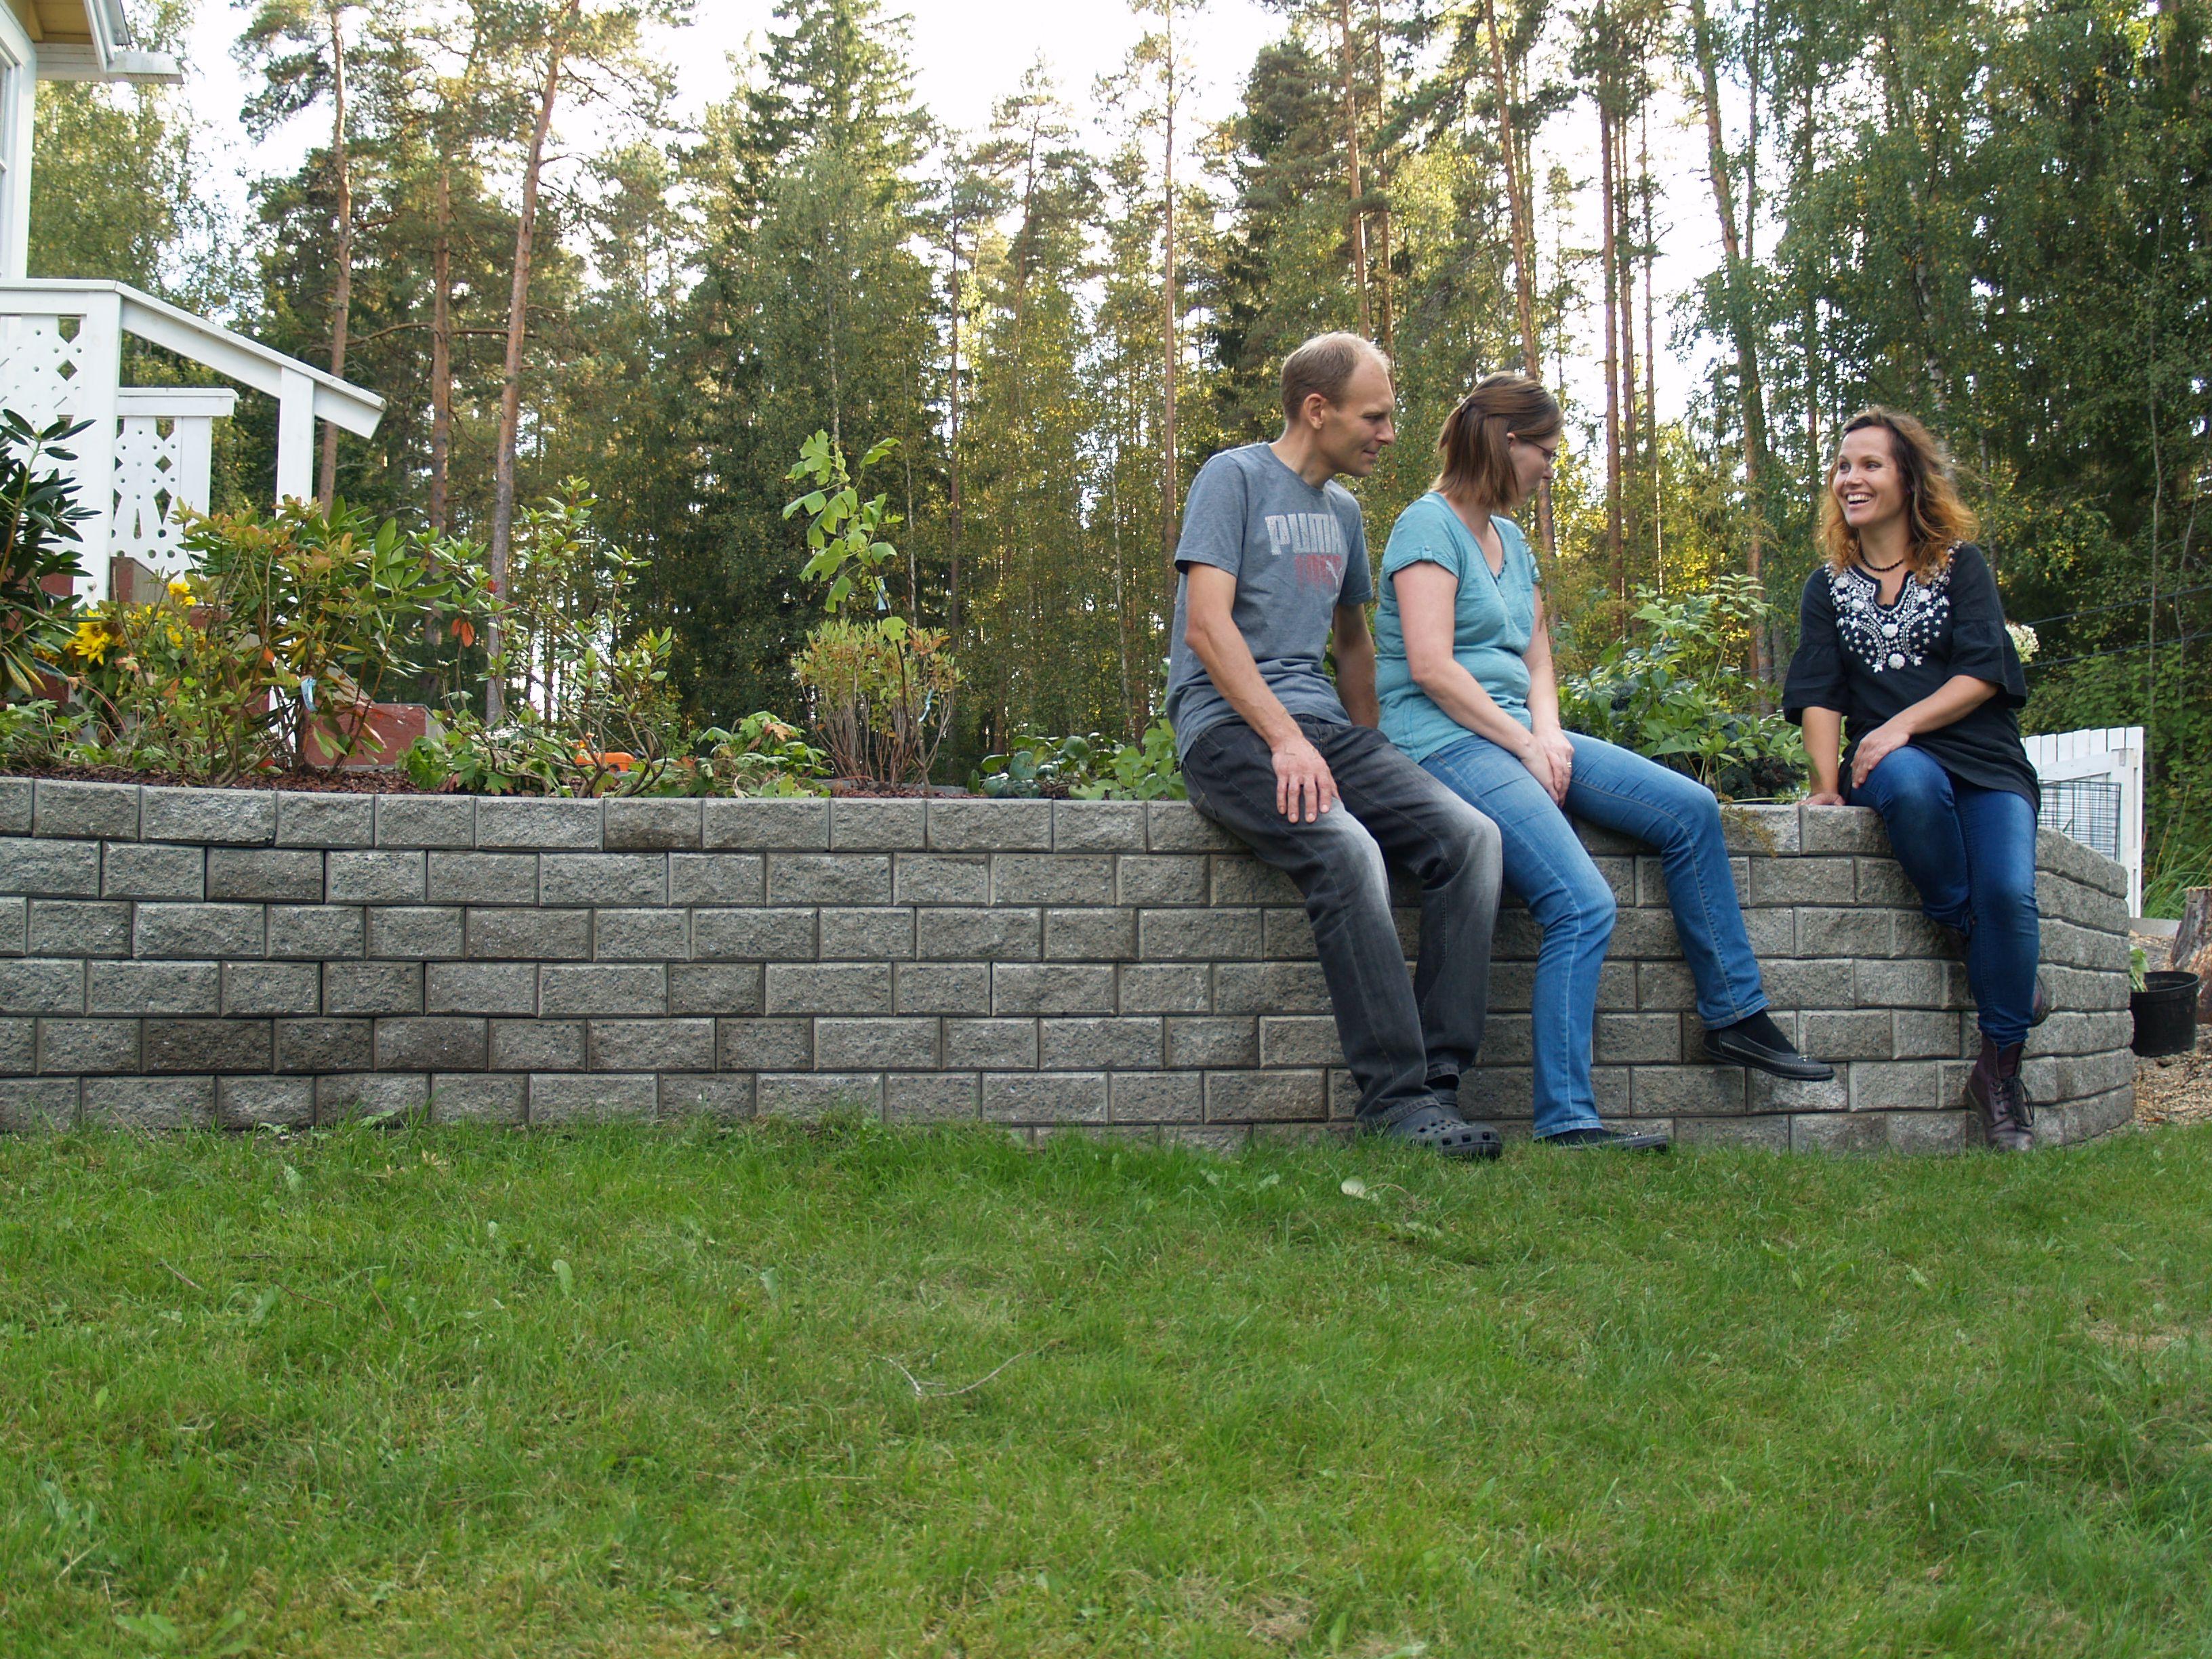 RudusPiha Facebook seurantakohde 2014. Harmaan Muurikko-muurin päällä on mukava istuskella. http://www.rudus.fi/pihakivet